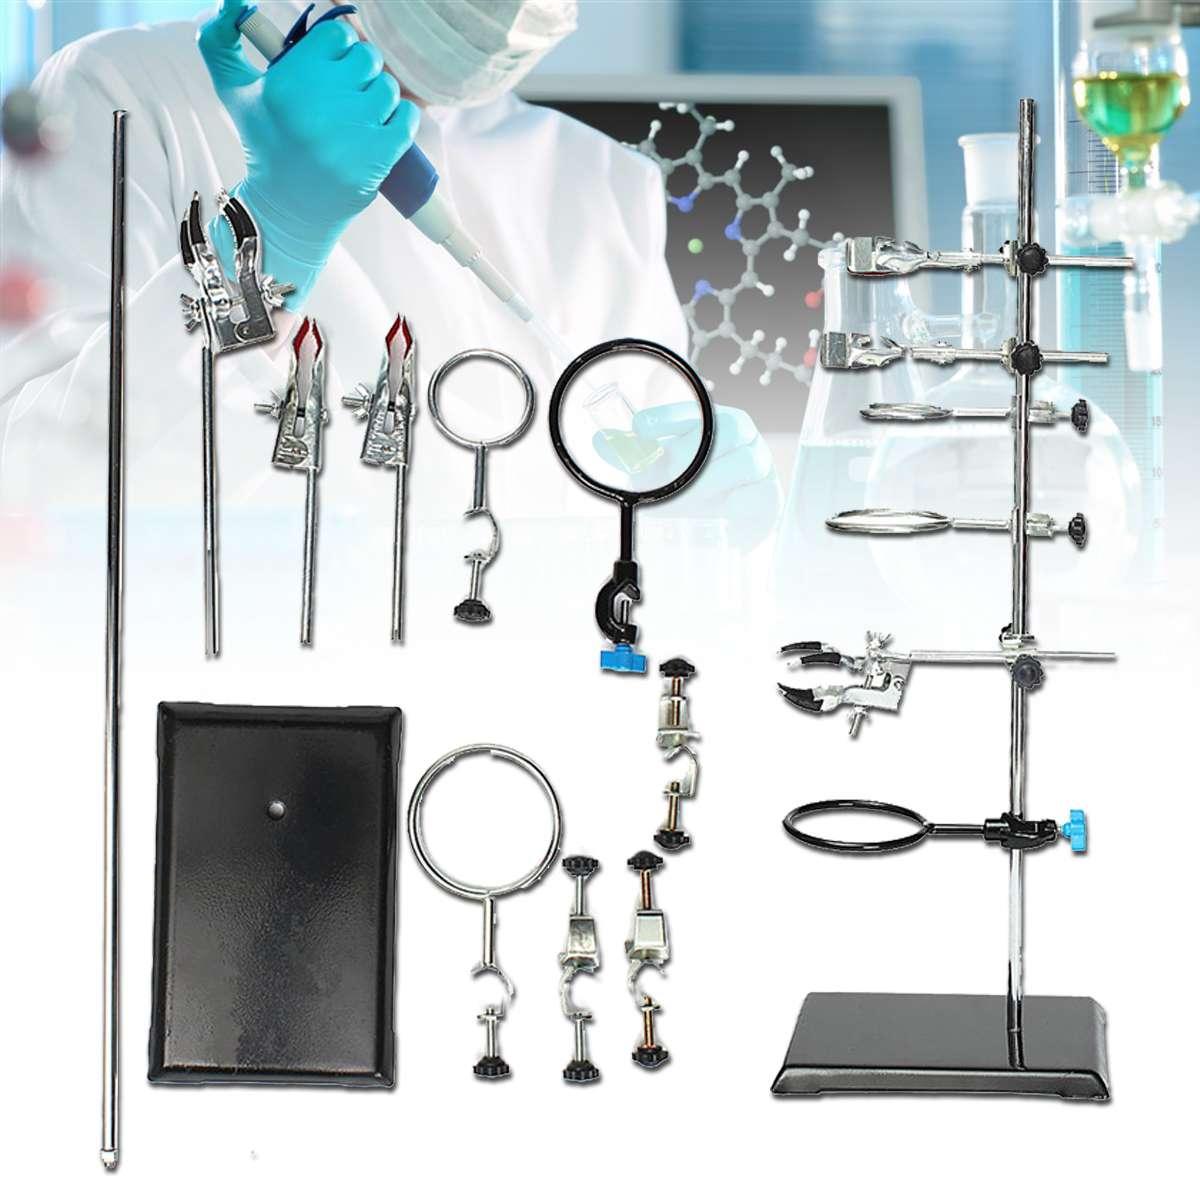 Suportes de laboratório suporte e braçadeira de laboratório clipes de laboratório balão braçadeira condensador suportes 600mm escola suprimentos de laboratório